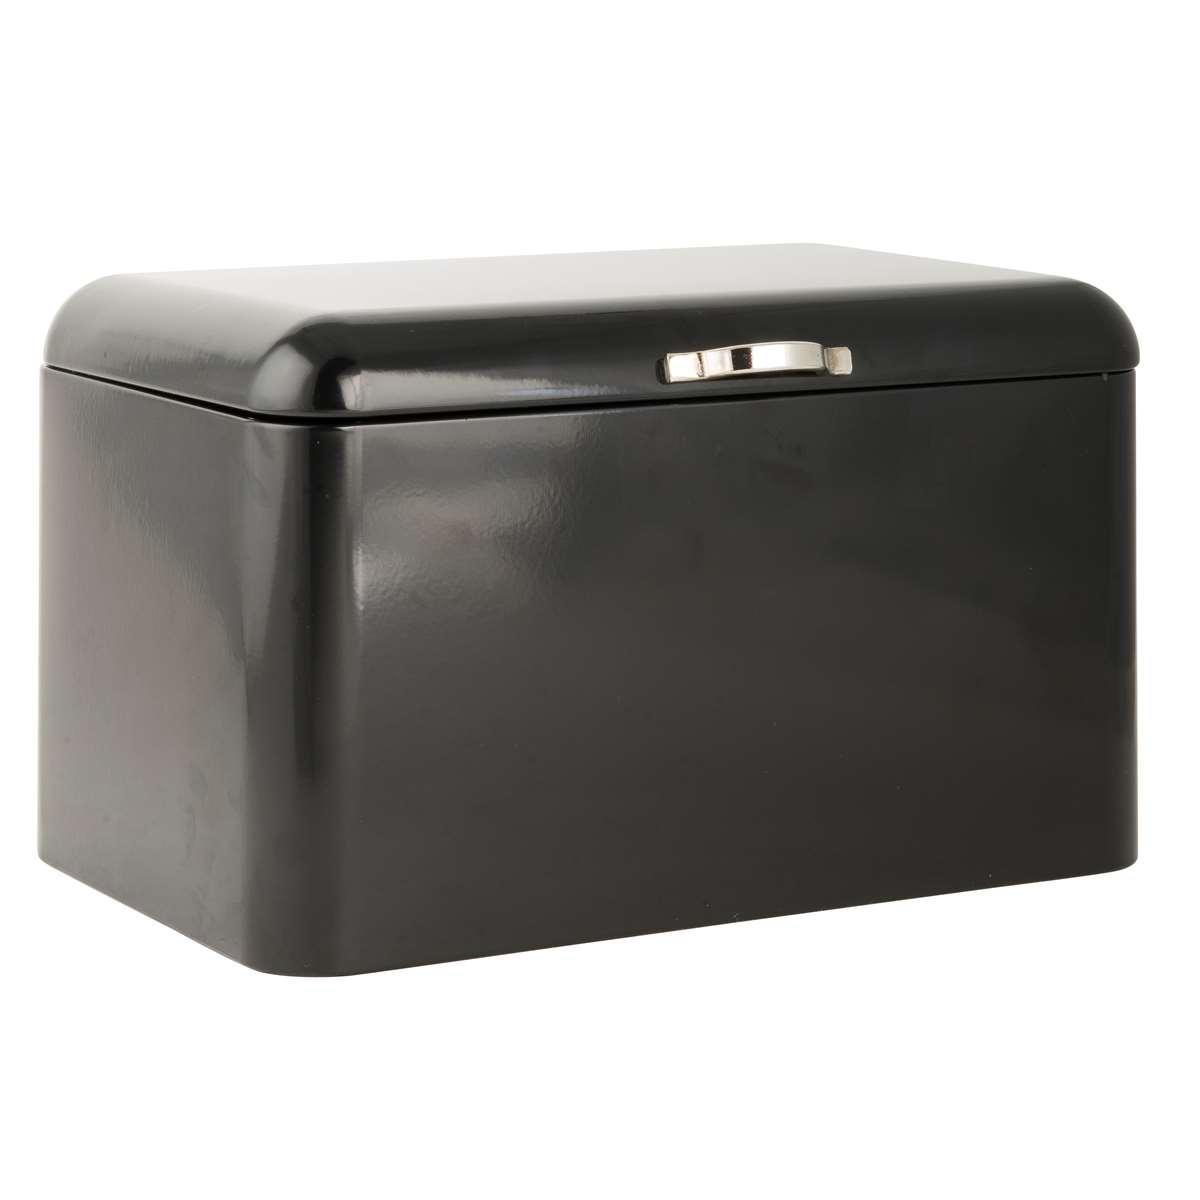 IB LAURSEN Plechový box na pečivo Style Black, černá barva, kov